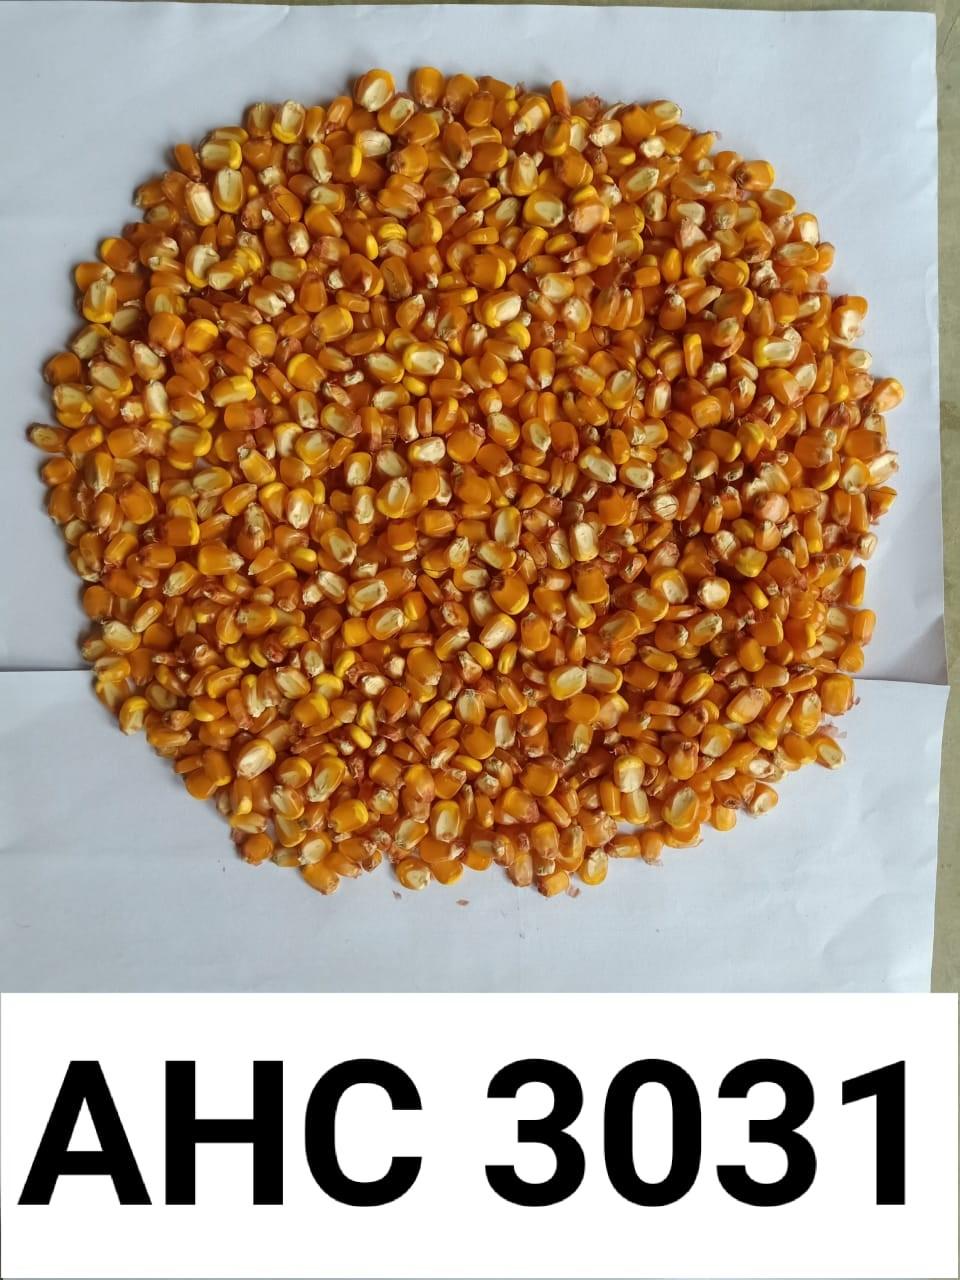 AHC-3031-2